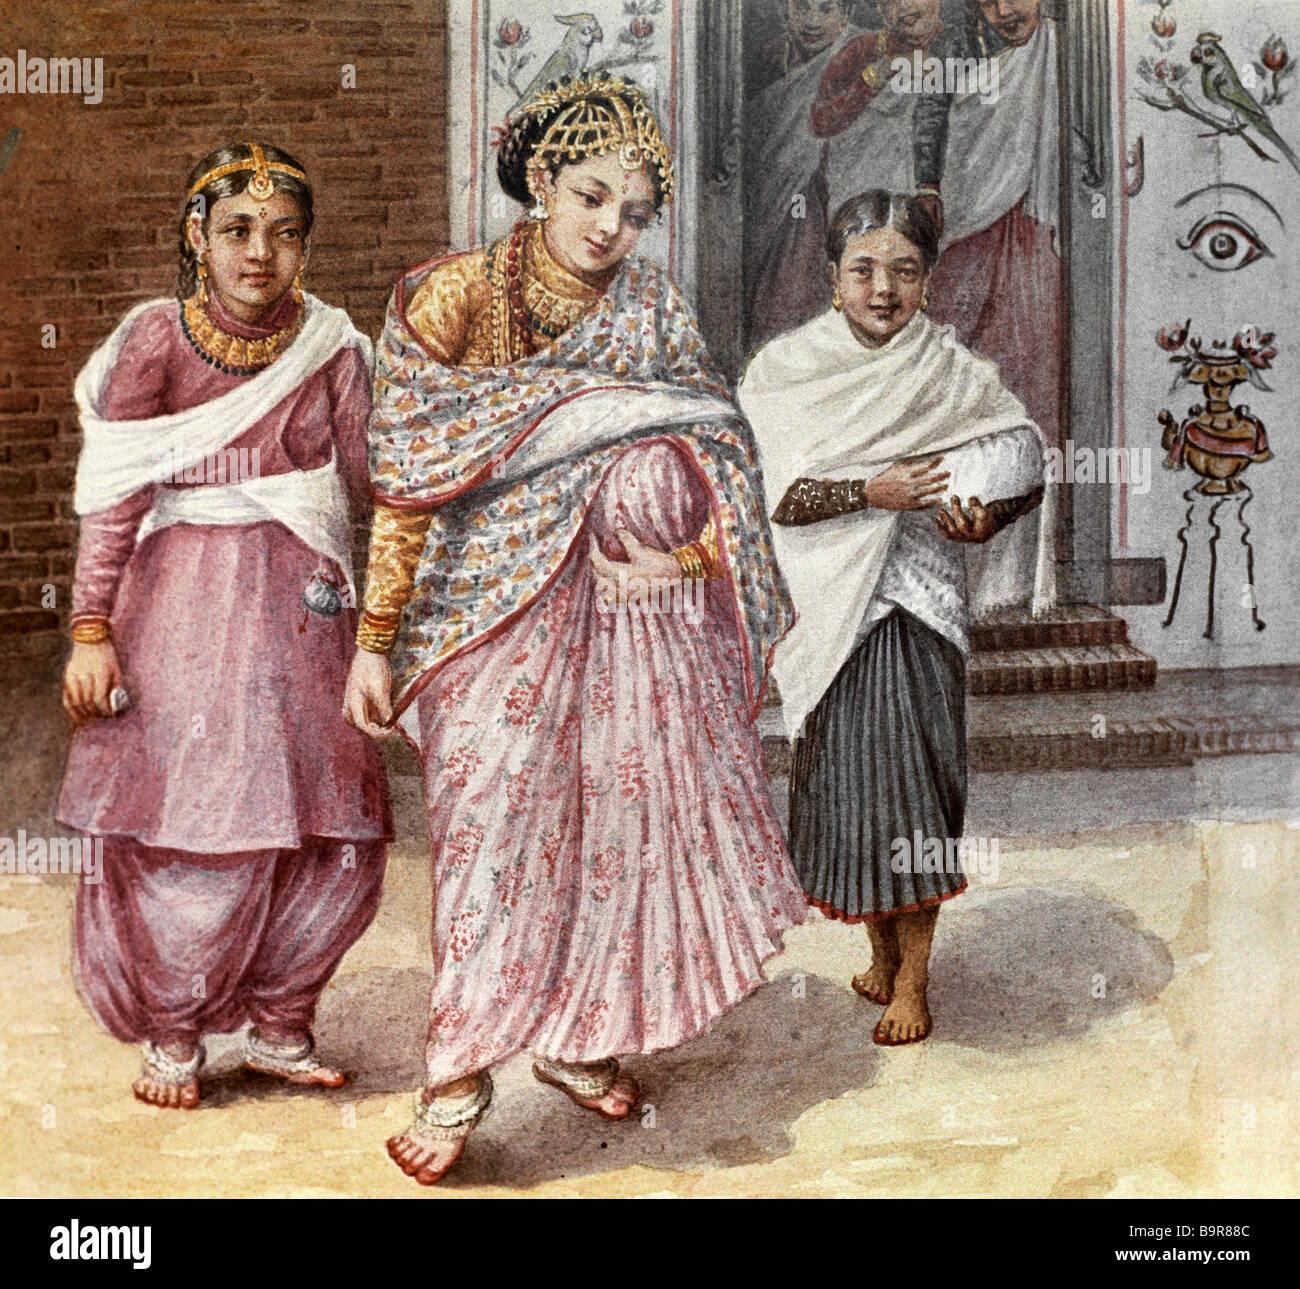 Reproducción de la acuarela mujeres de Nepal muestra en la exposición Maestros de Nepal en Moscú Imagen De Stock